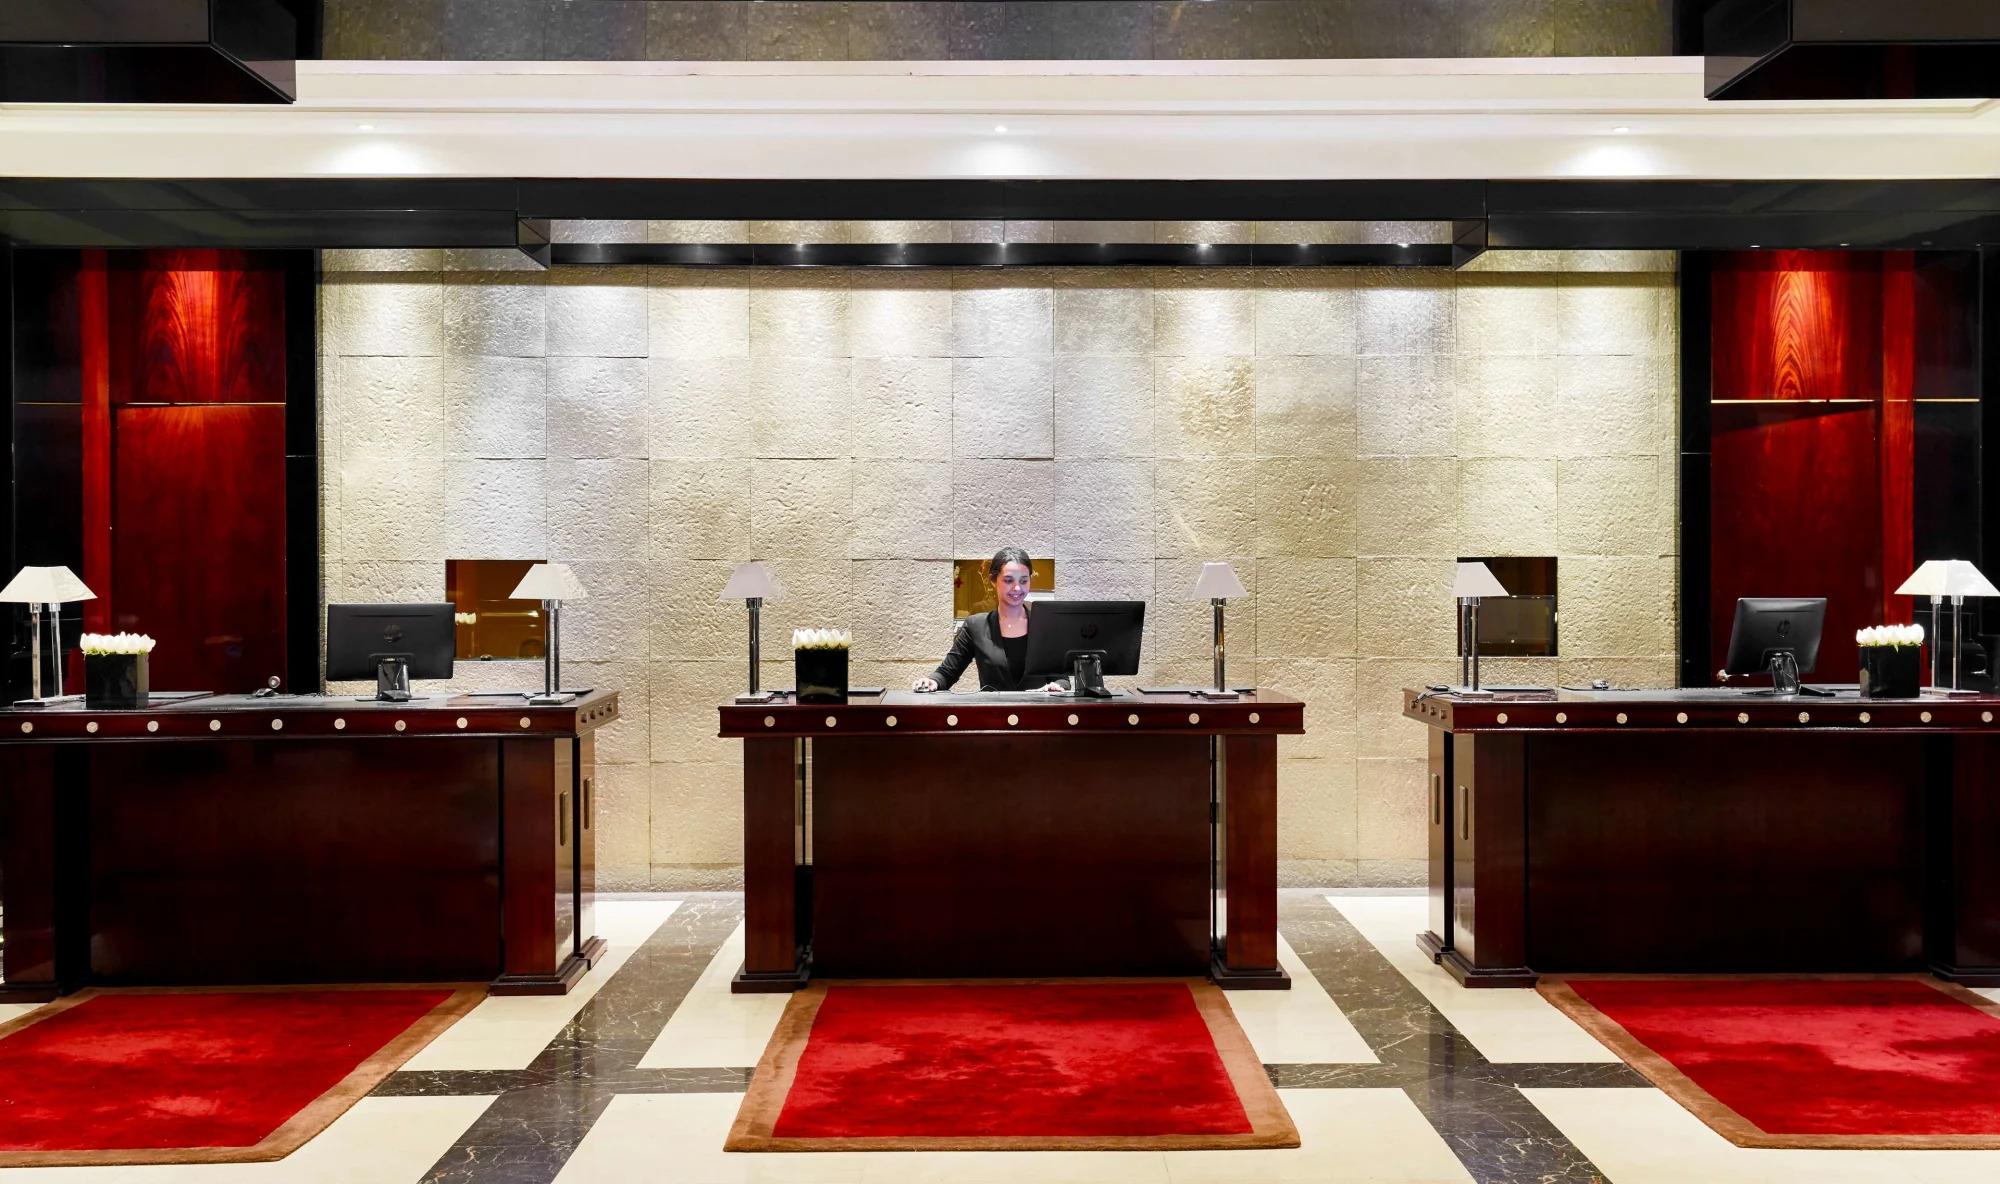 مكتب الاستقبال في الفندق